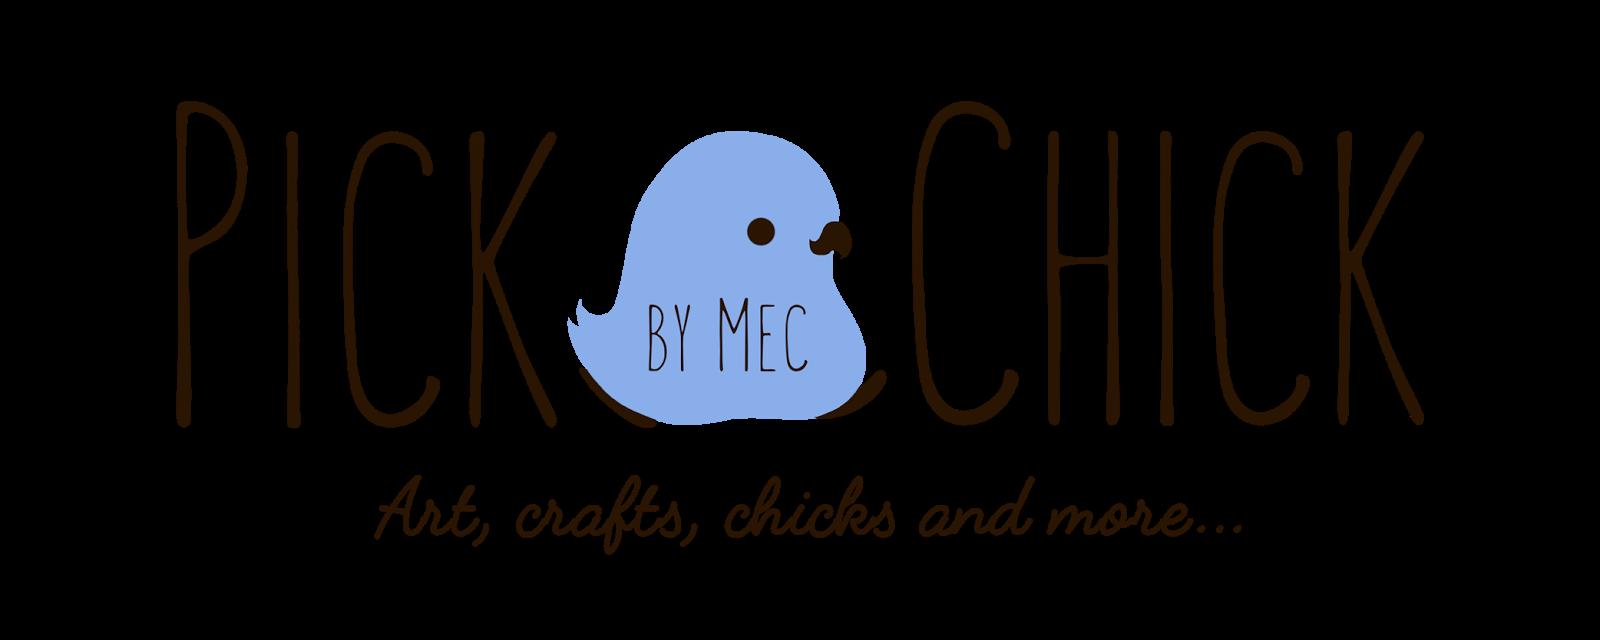 Pick·Chick